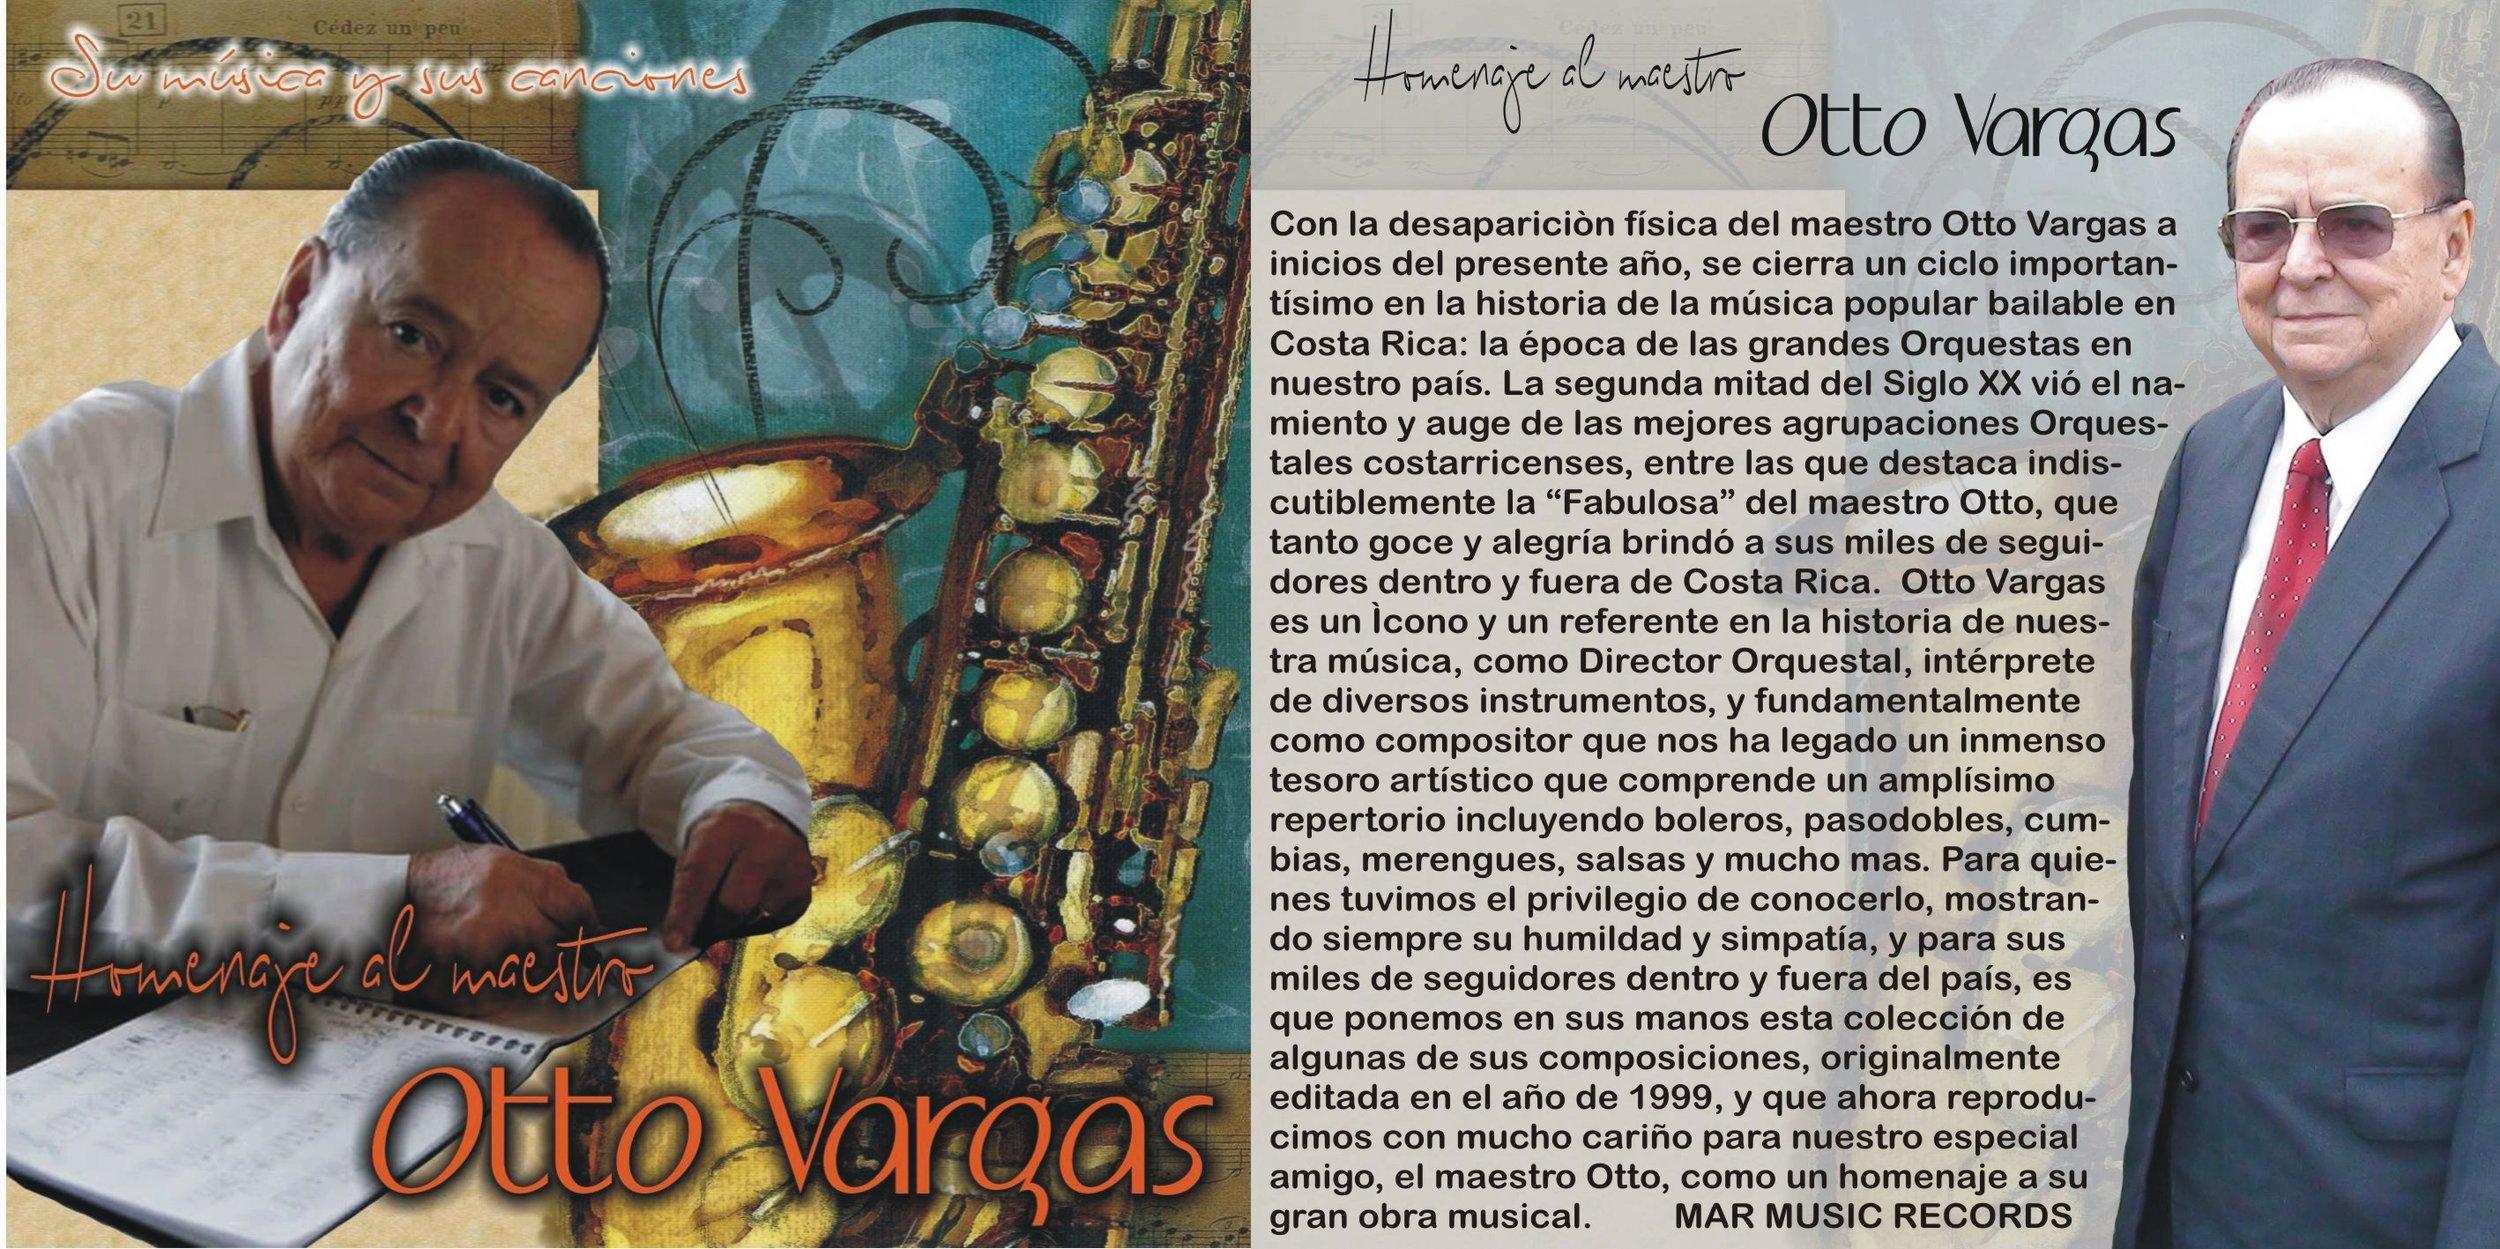 ● Músico alajueliteño falleció el 2 de febrero a sus 89 años  ● Discos incluyen las voces de Ronald Alfaro, Rafael Pérez y Jorge Duarte, entre otros